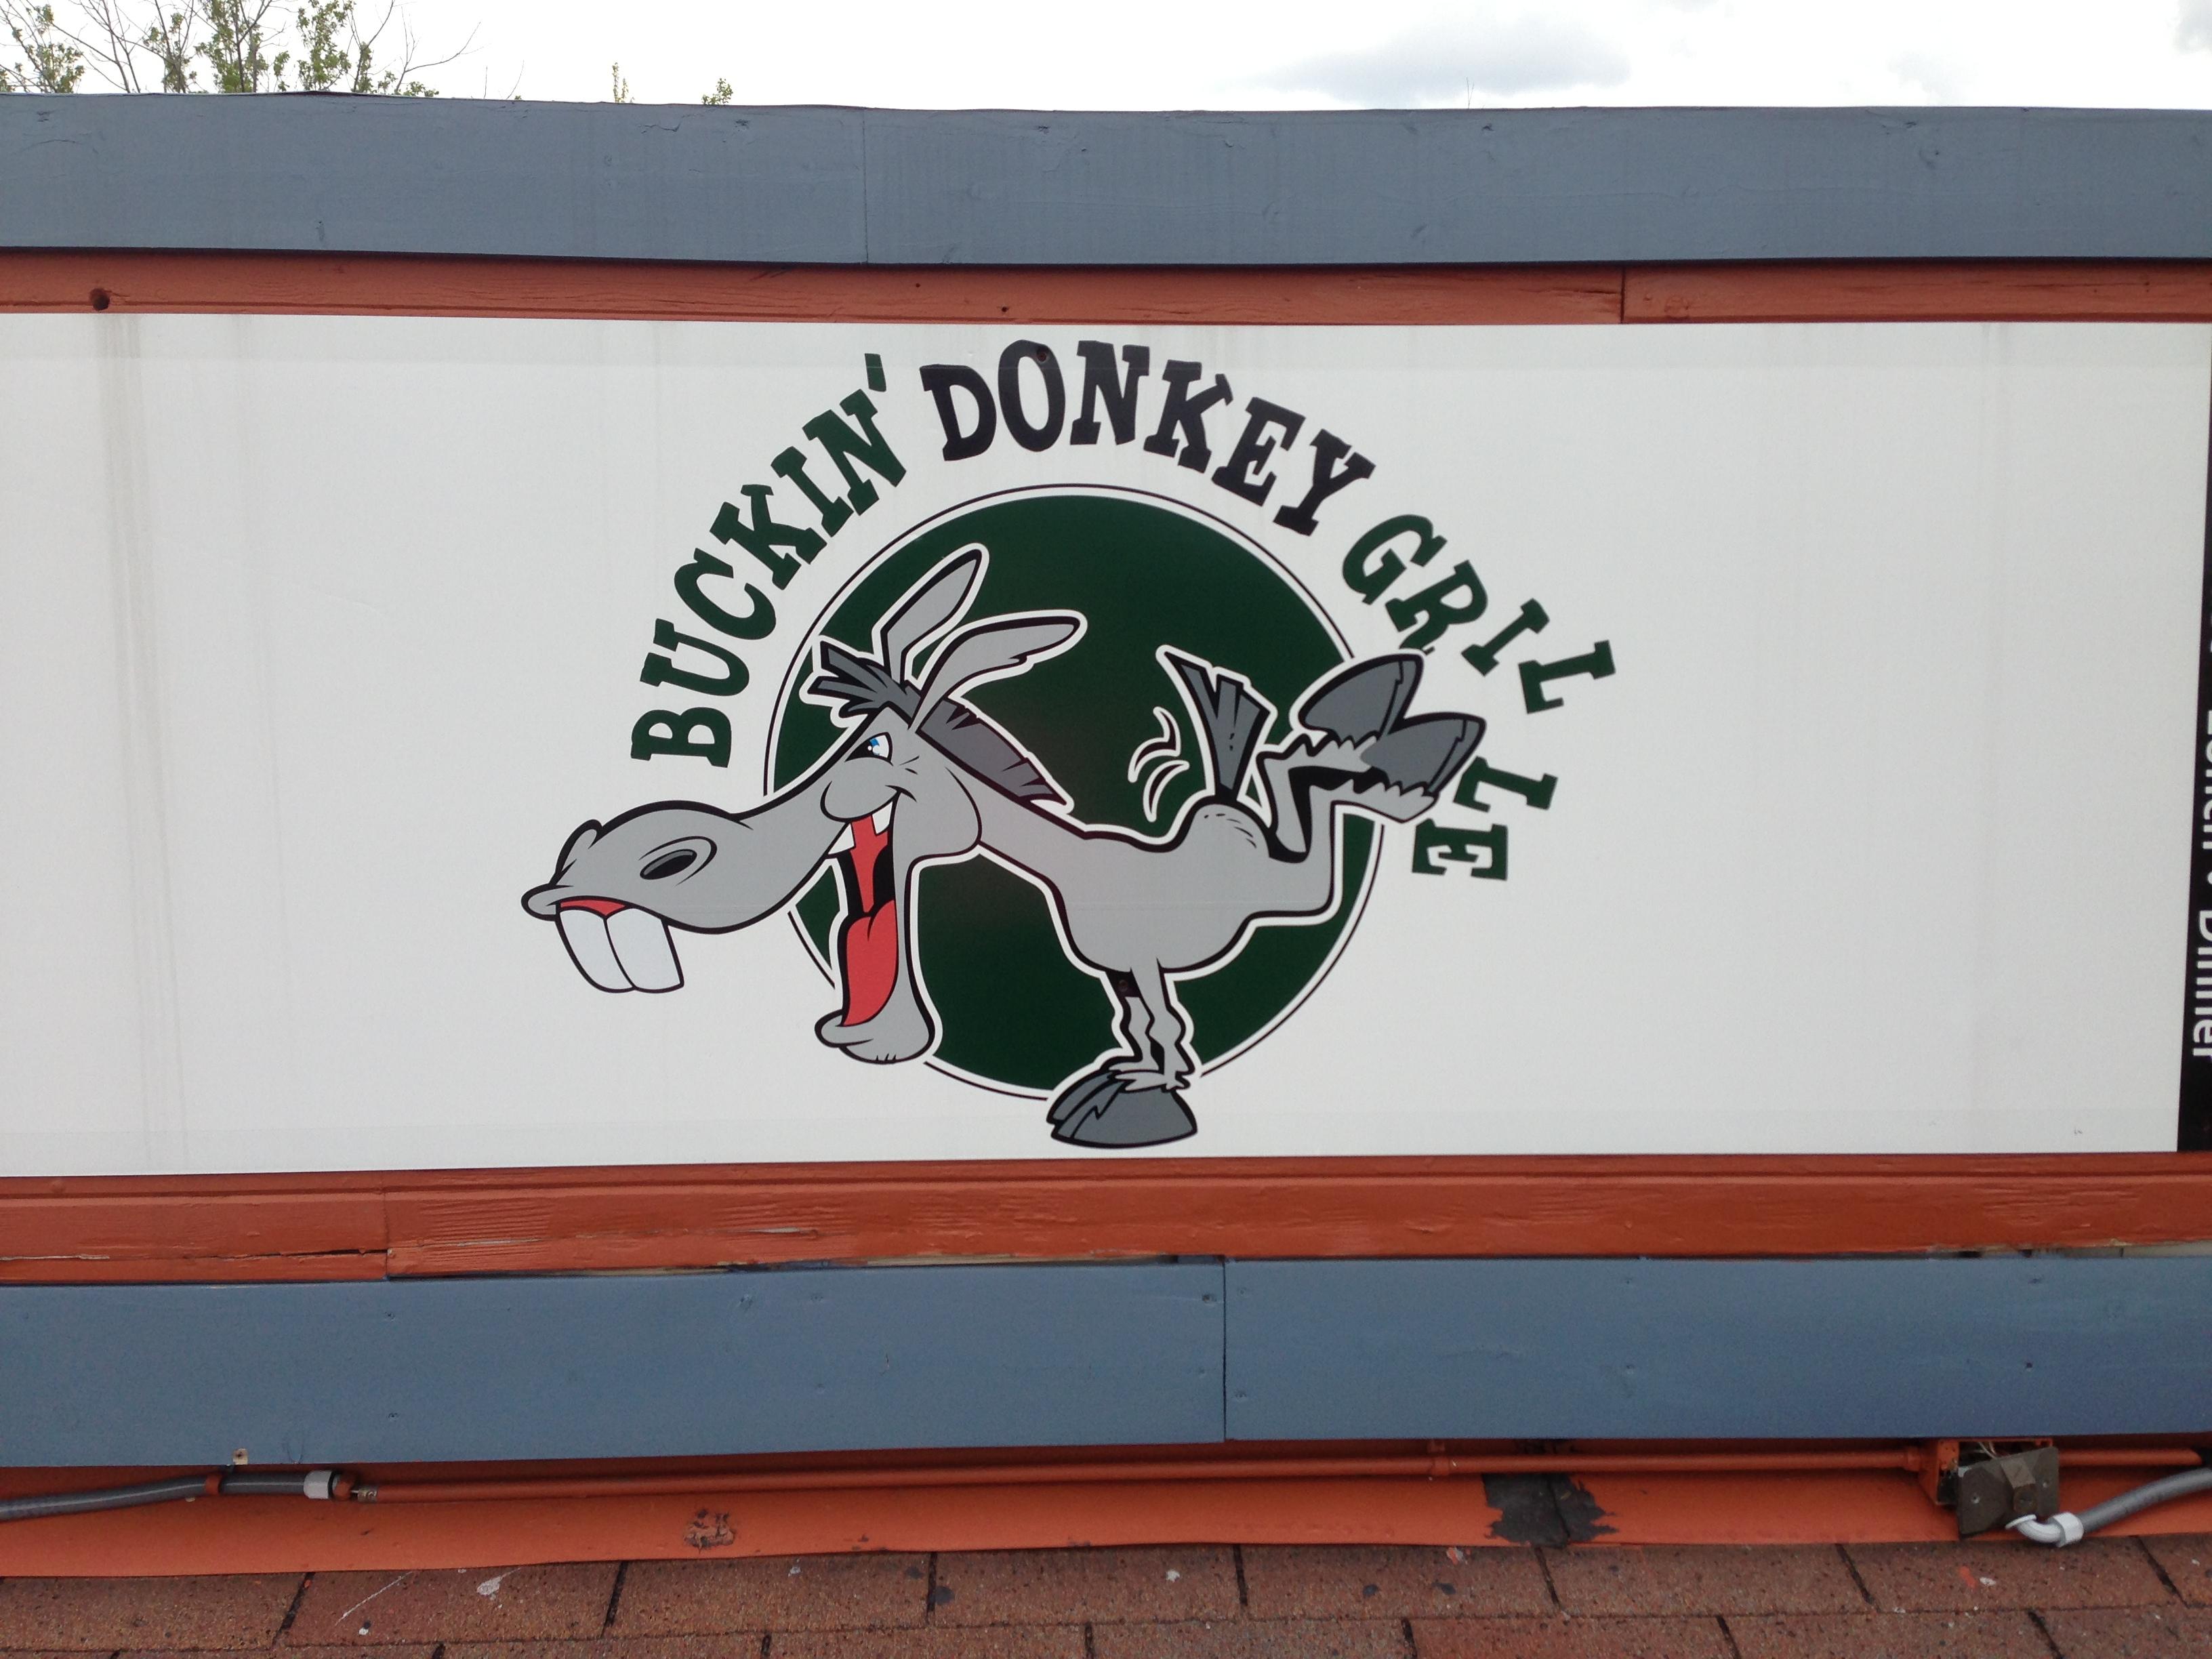 Buckin Donkey Grille, Kettering OH